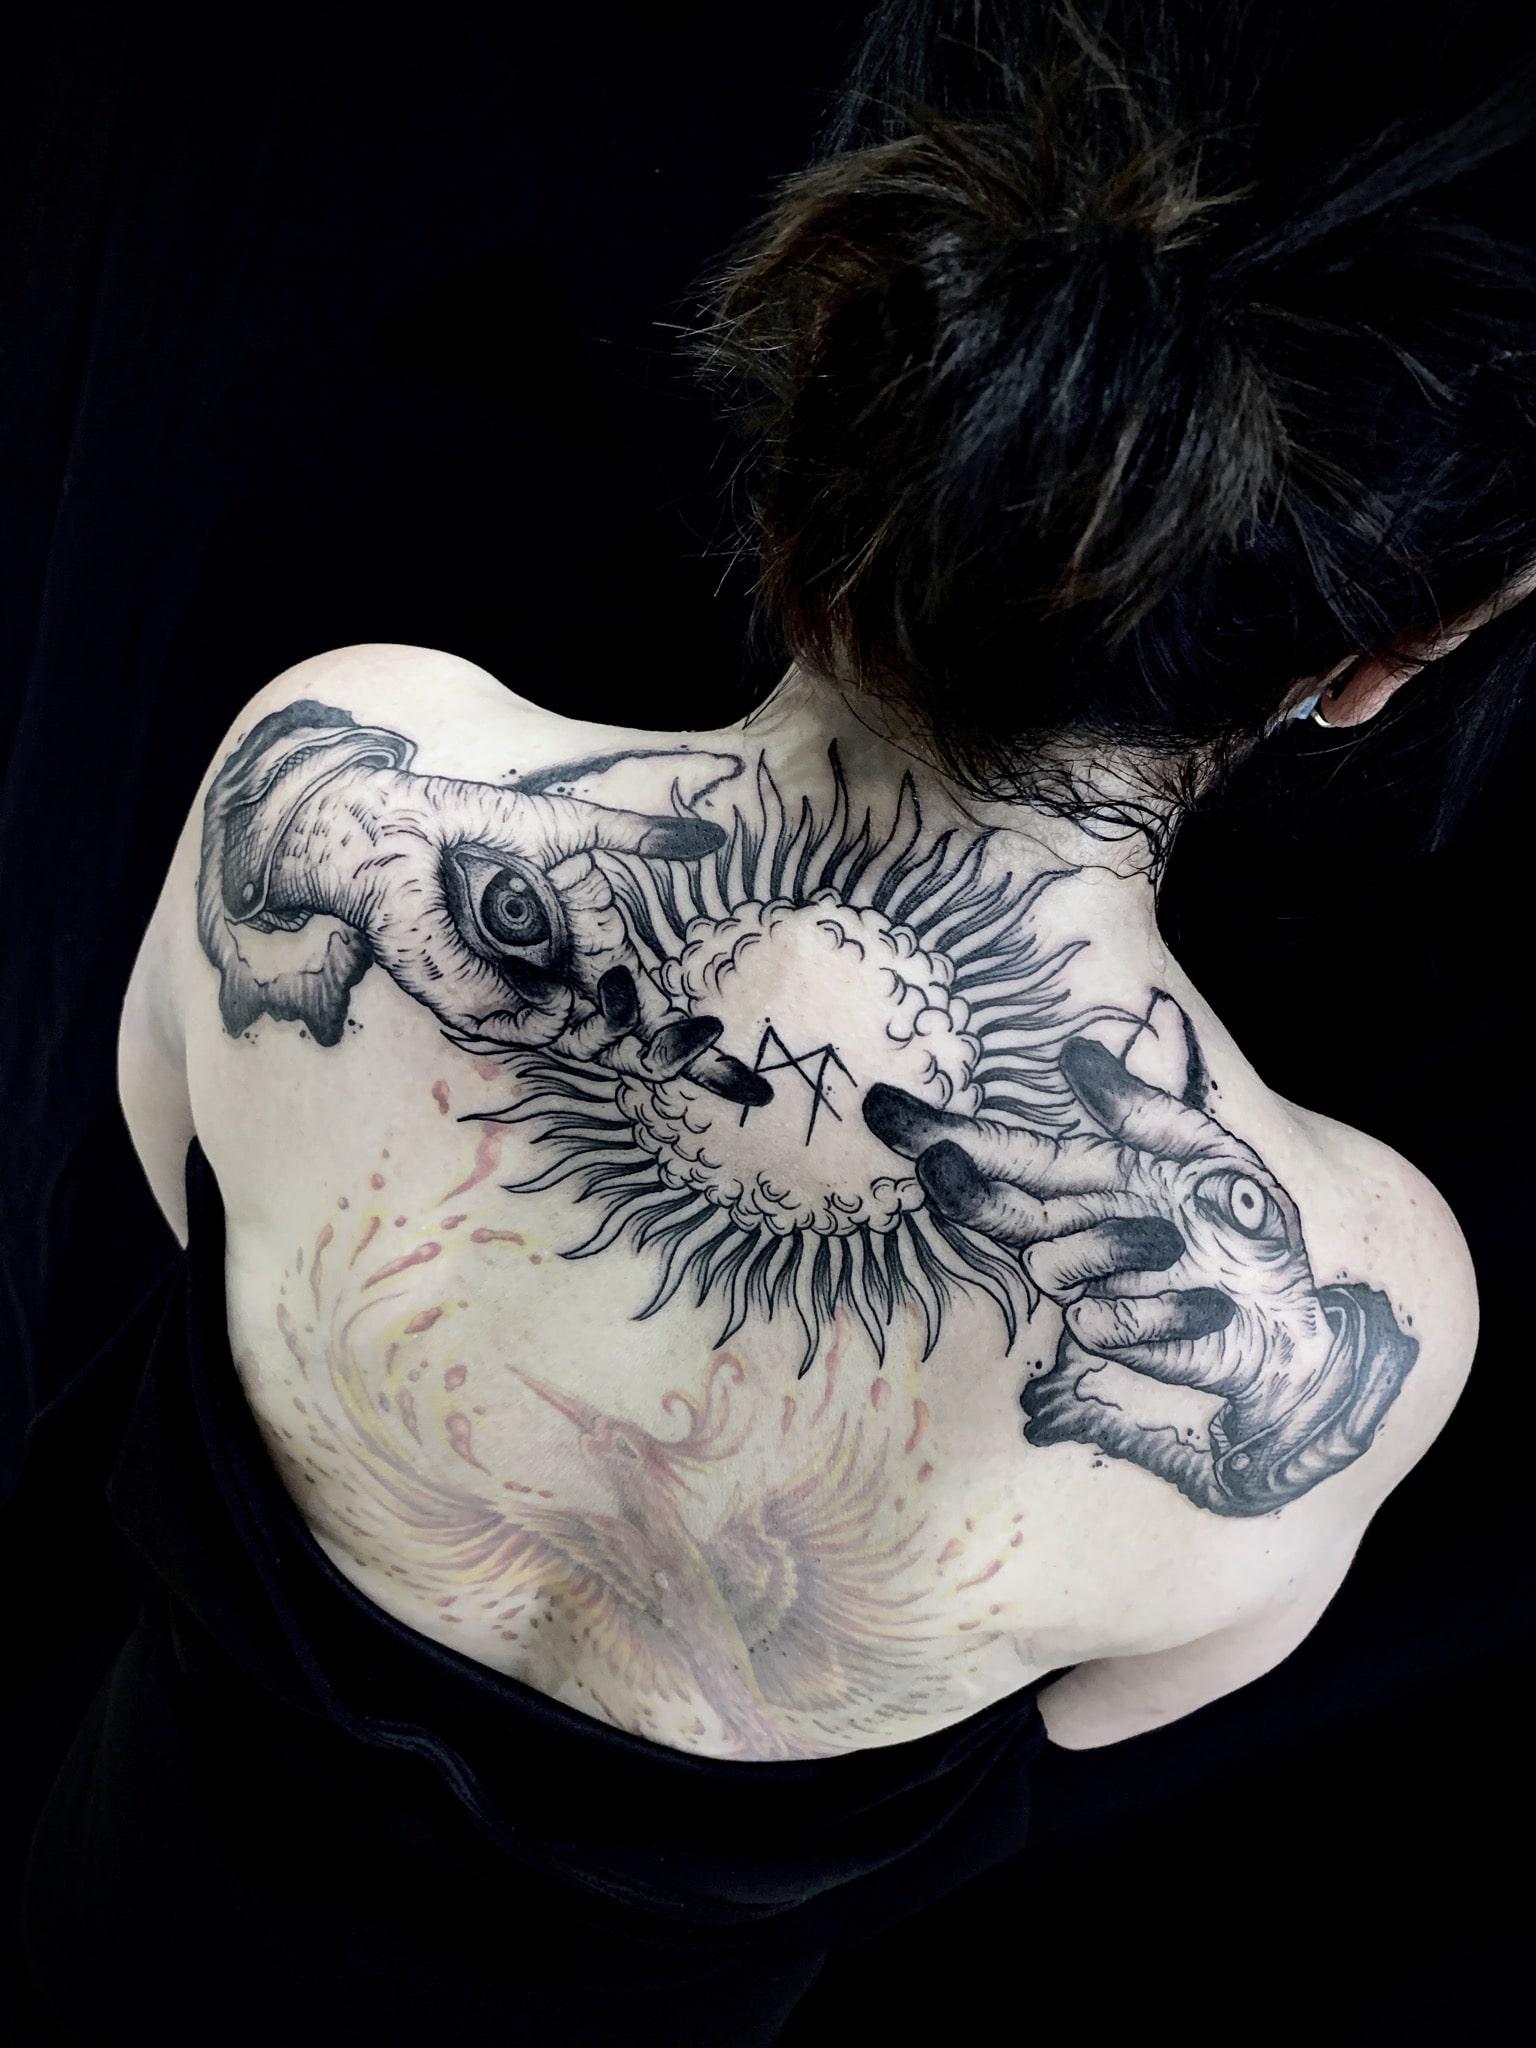 Tattoo Anansi München Artist David blackwork hands michelangelo sun Sonne backpiece